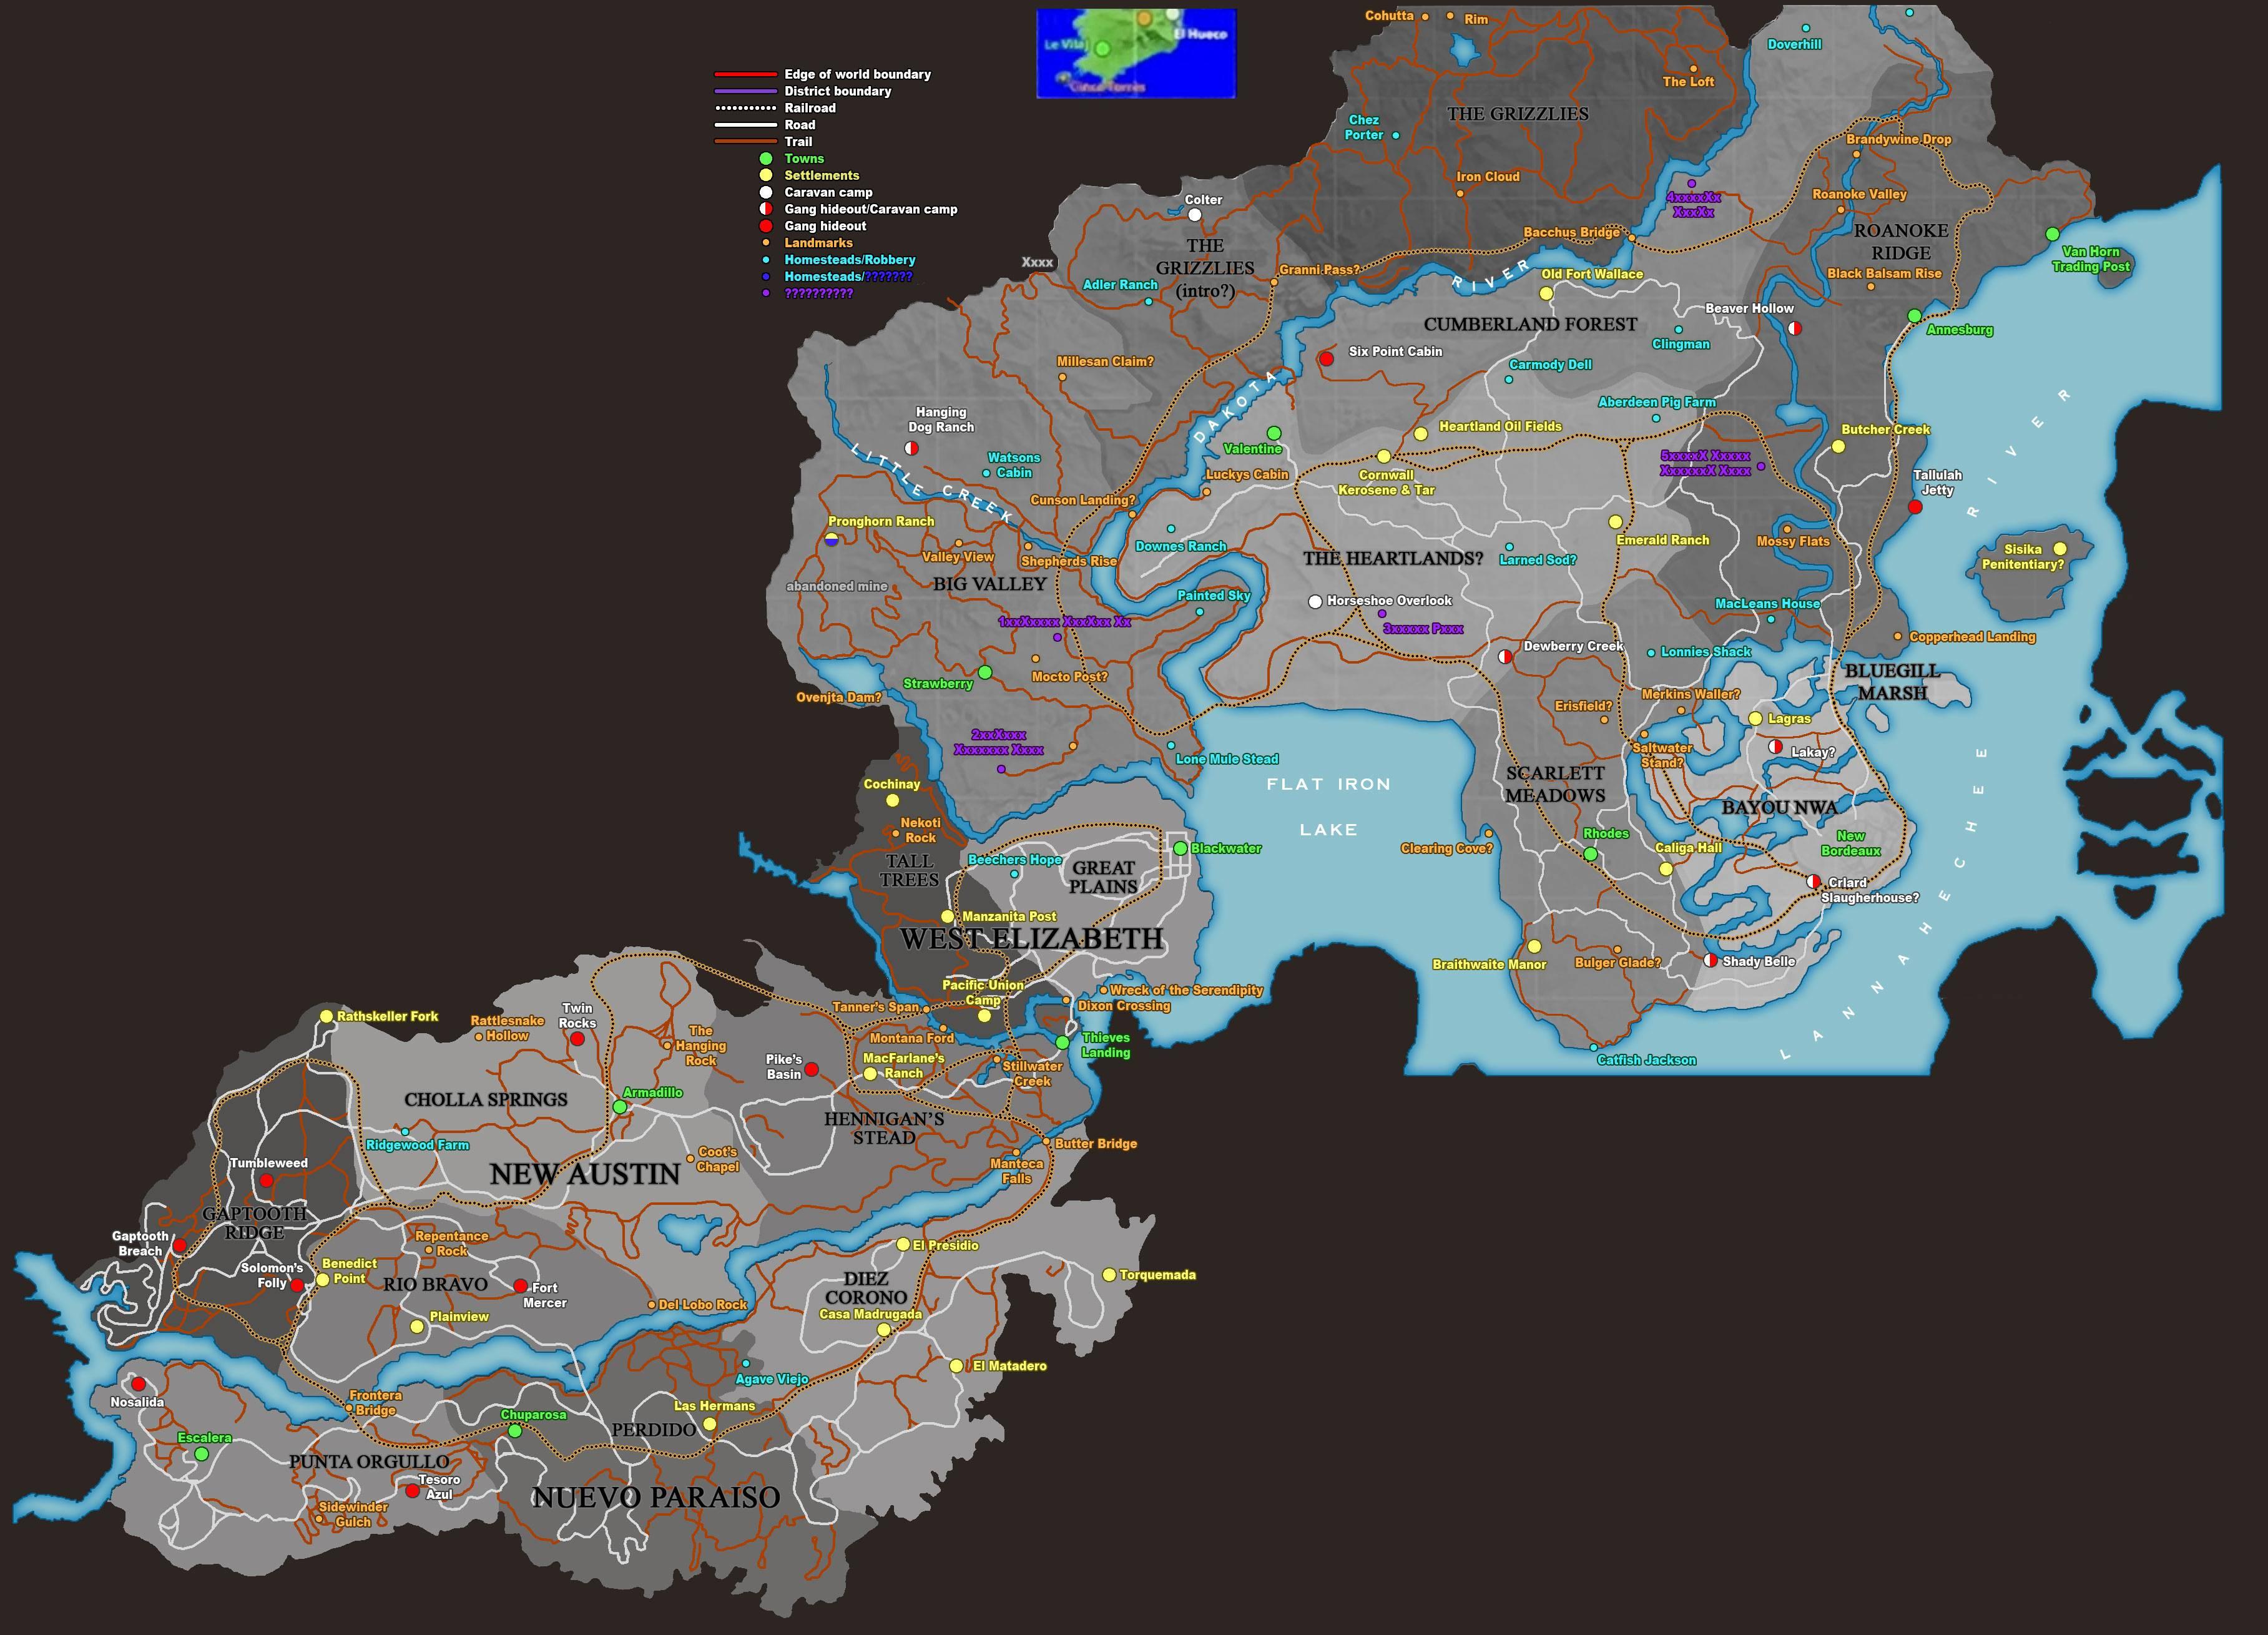 Může to být mapa Red Dead Redemption 2? 122559